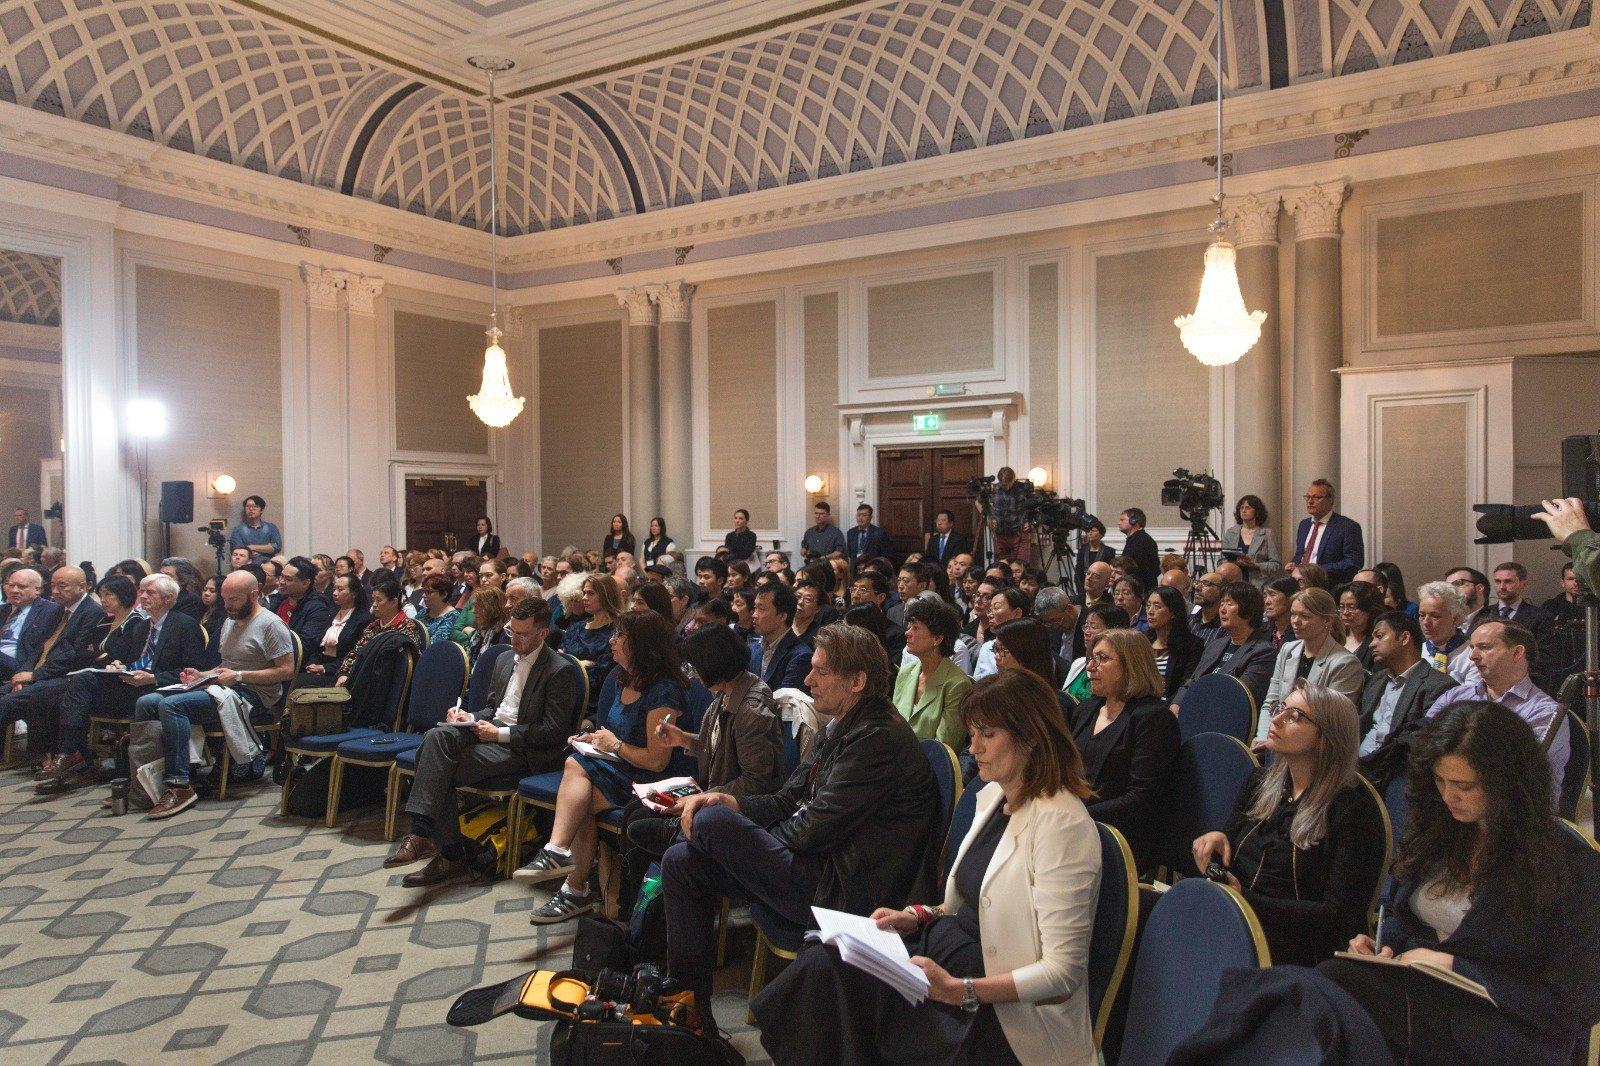 「人民法庭」於6月17日在倫敦宣判,判定中國(中共)活摘良心犯器官的行為仍然存在,法輪功學員是器官供應的最主要來源。當日人民法庭內聚集了大約200名旁聽的民眾。(冠奇/大紀元)